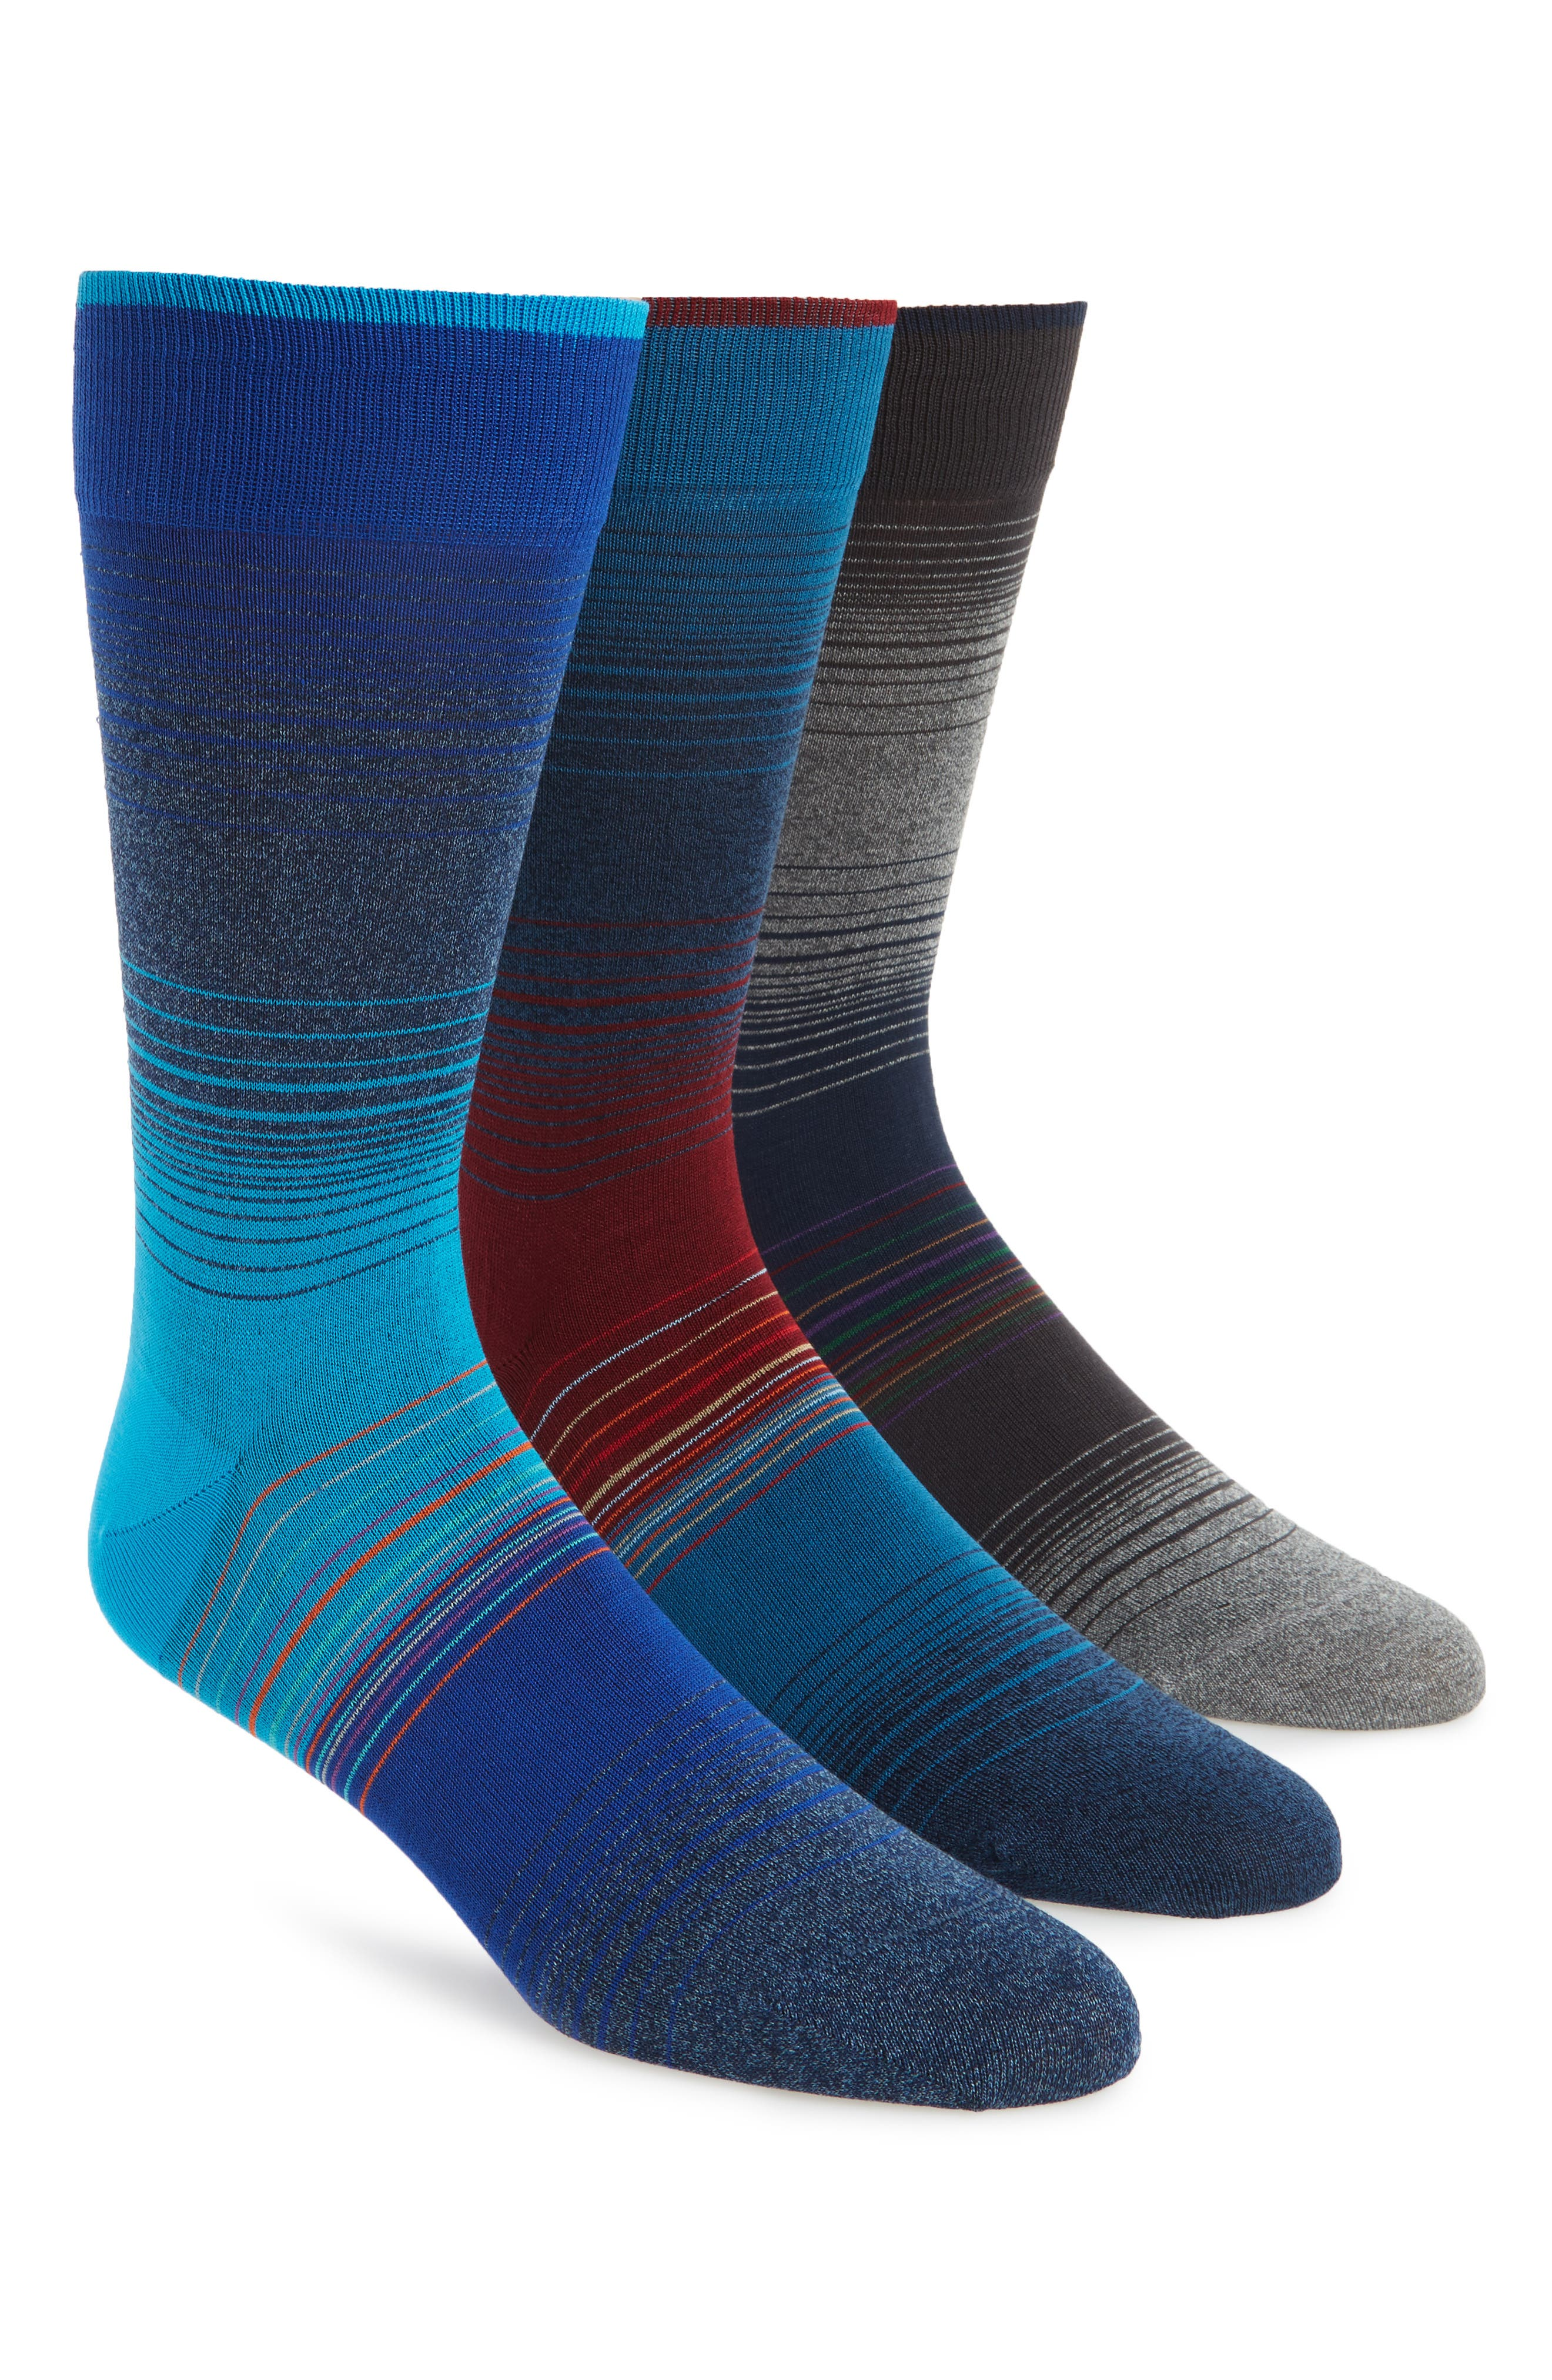 Alternate Image 1 Selected - Bugatchi 3-Pack Stripe Cotton & Cashmere Blend Socks ($59.85 Value)